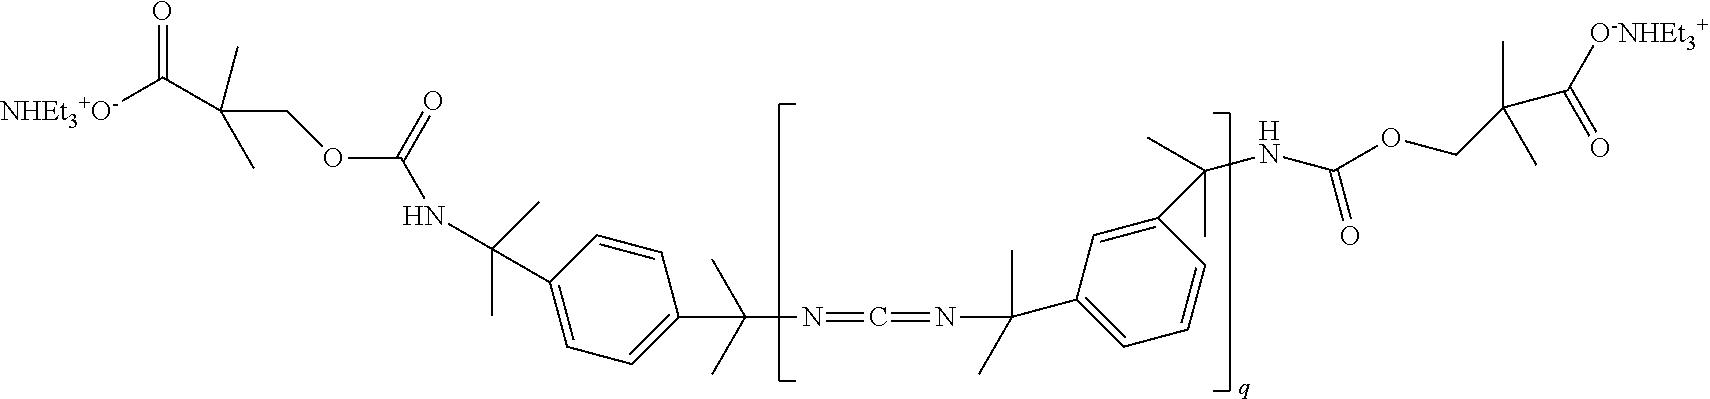 Figure US08076445-20111213-C00009